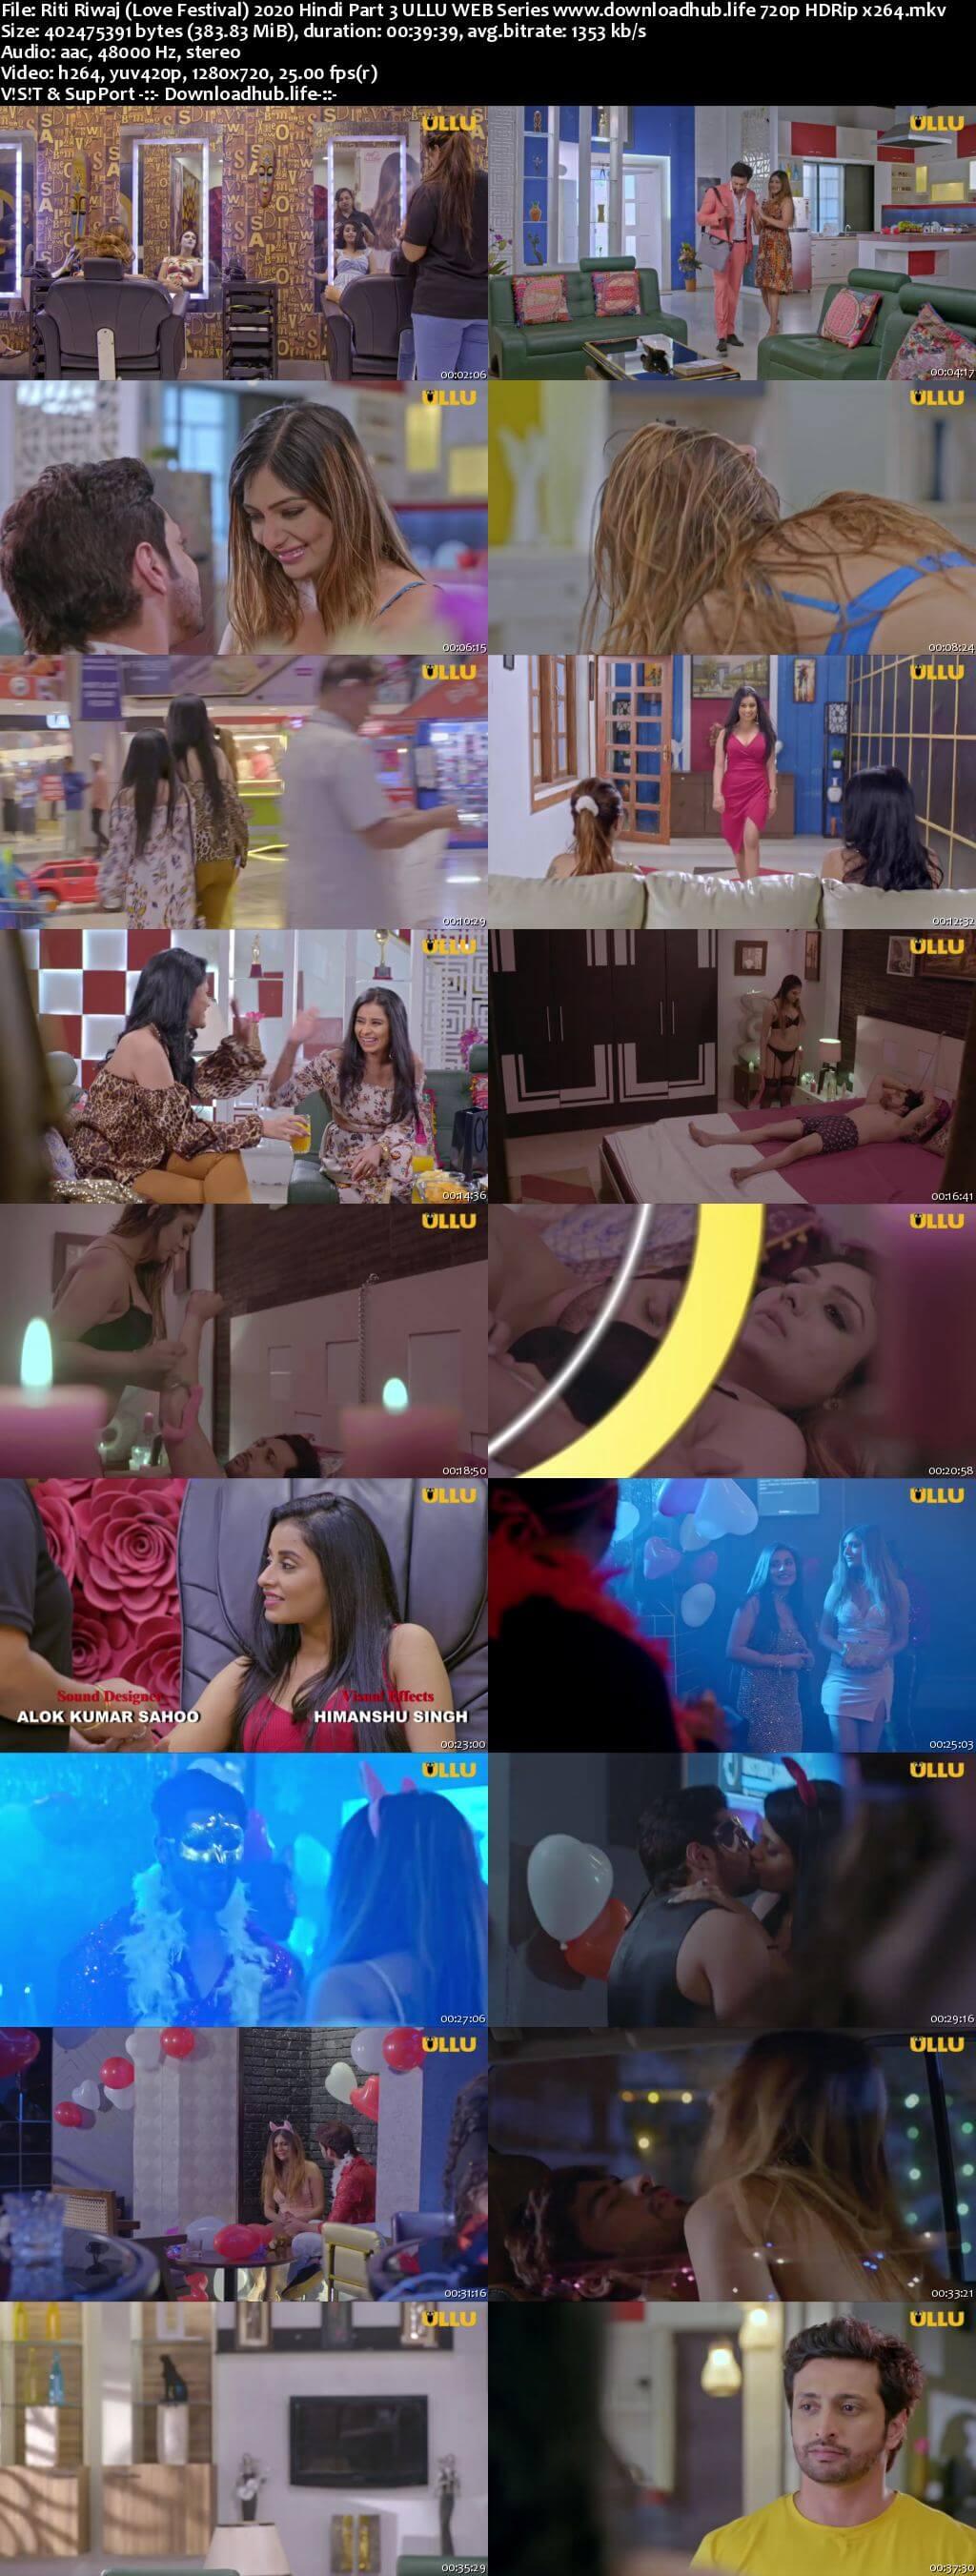 Riti Riwaj (Love Festival) 2020 Hindi Part 3 ULLU WEB Series 720p HDRip x264